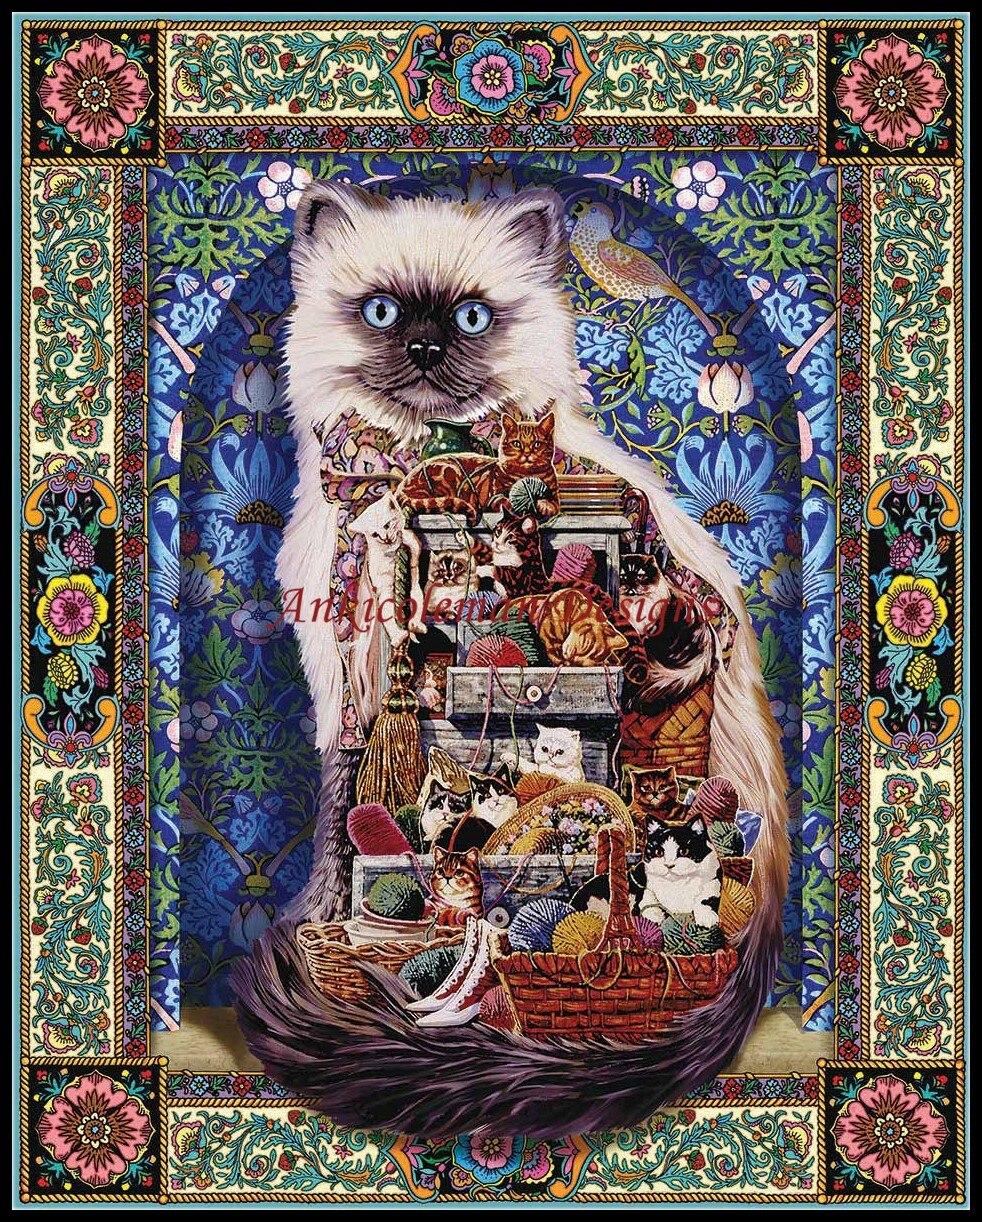 Рукоделие для вышивка DIY Французский DMC высокое качество-счетный крест Наборы 14 CT картина маслом-Товары для кошек в изобилии